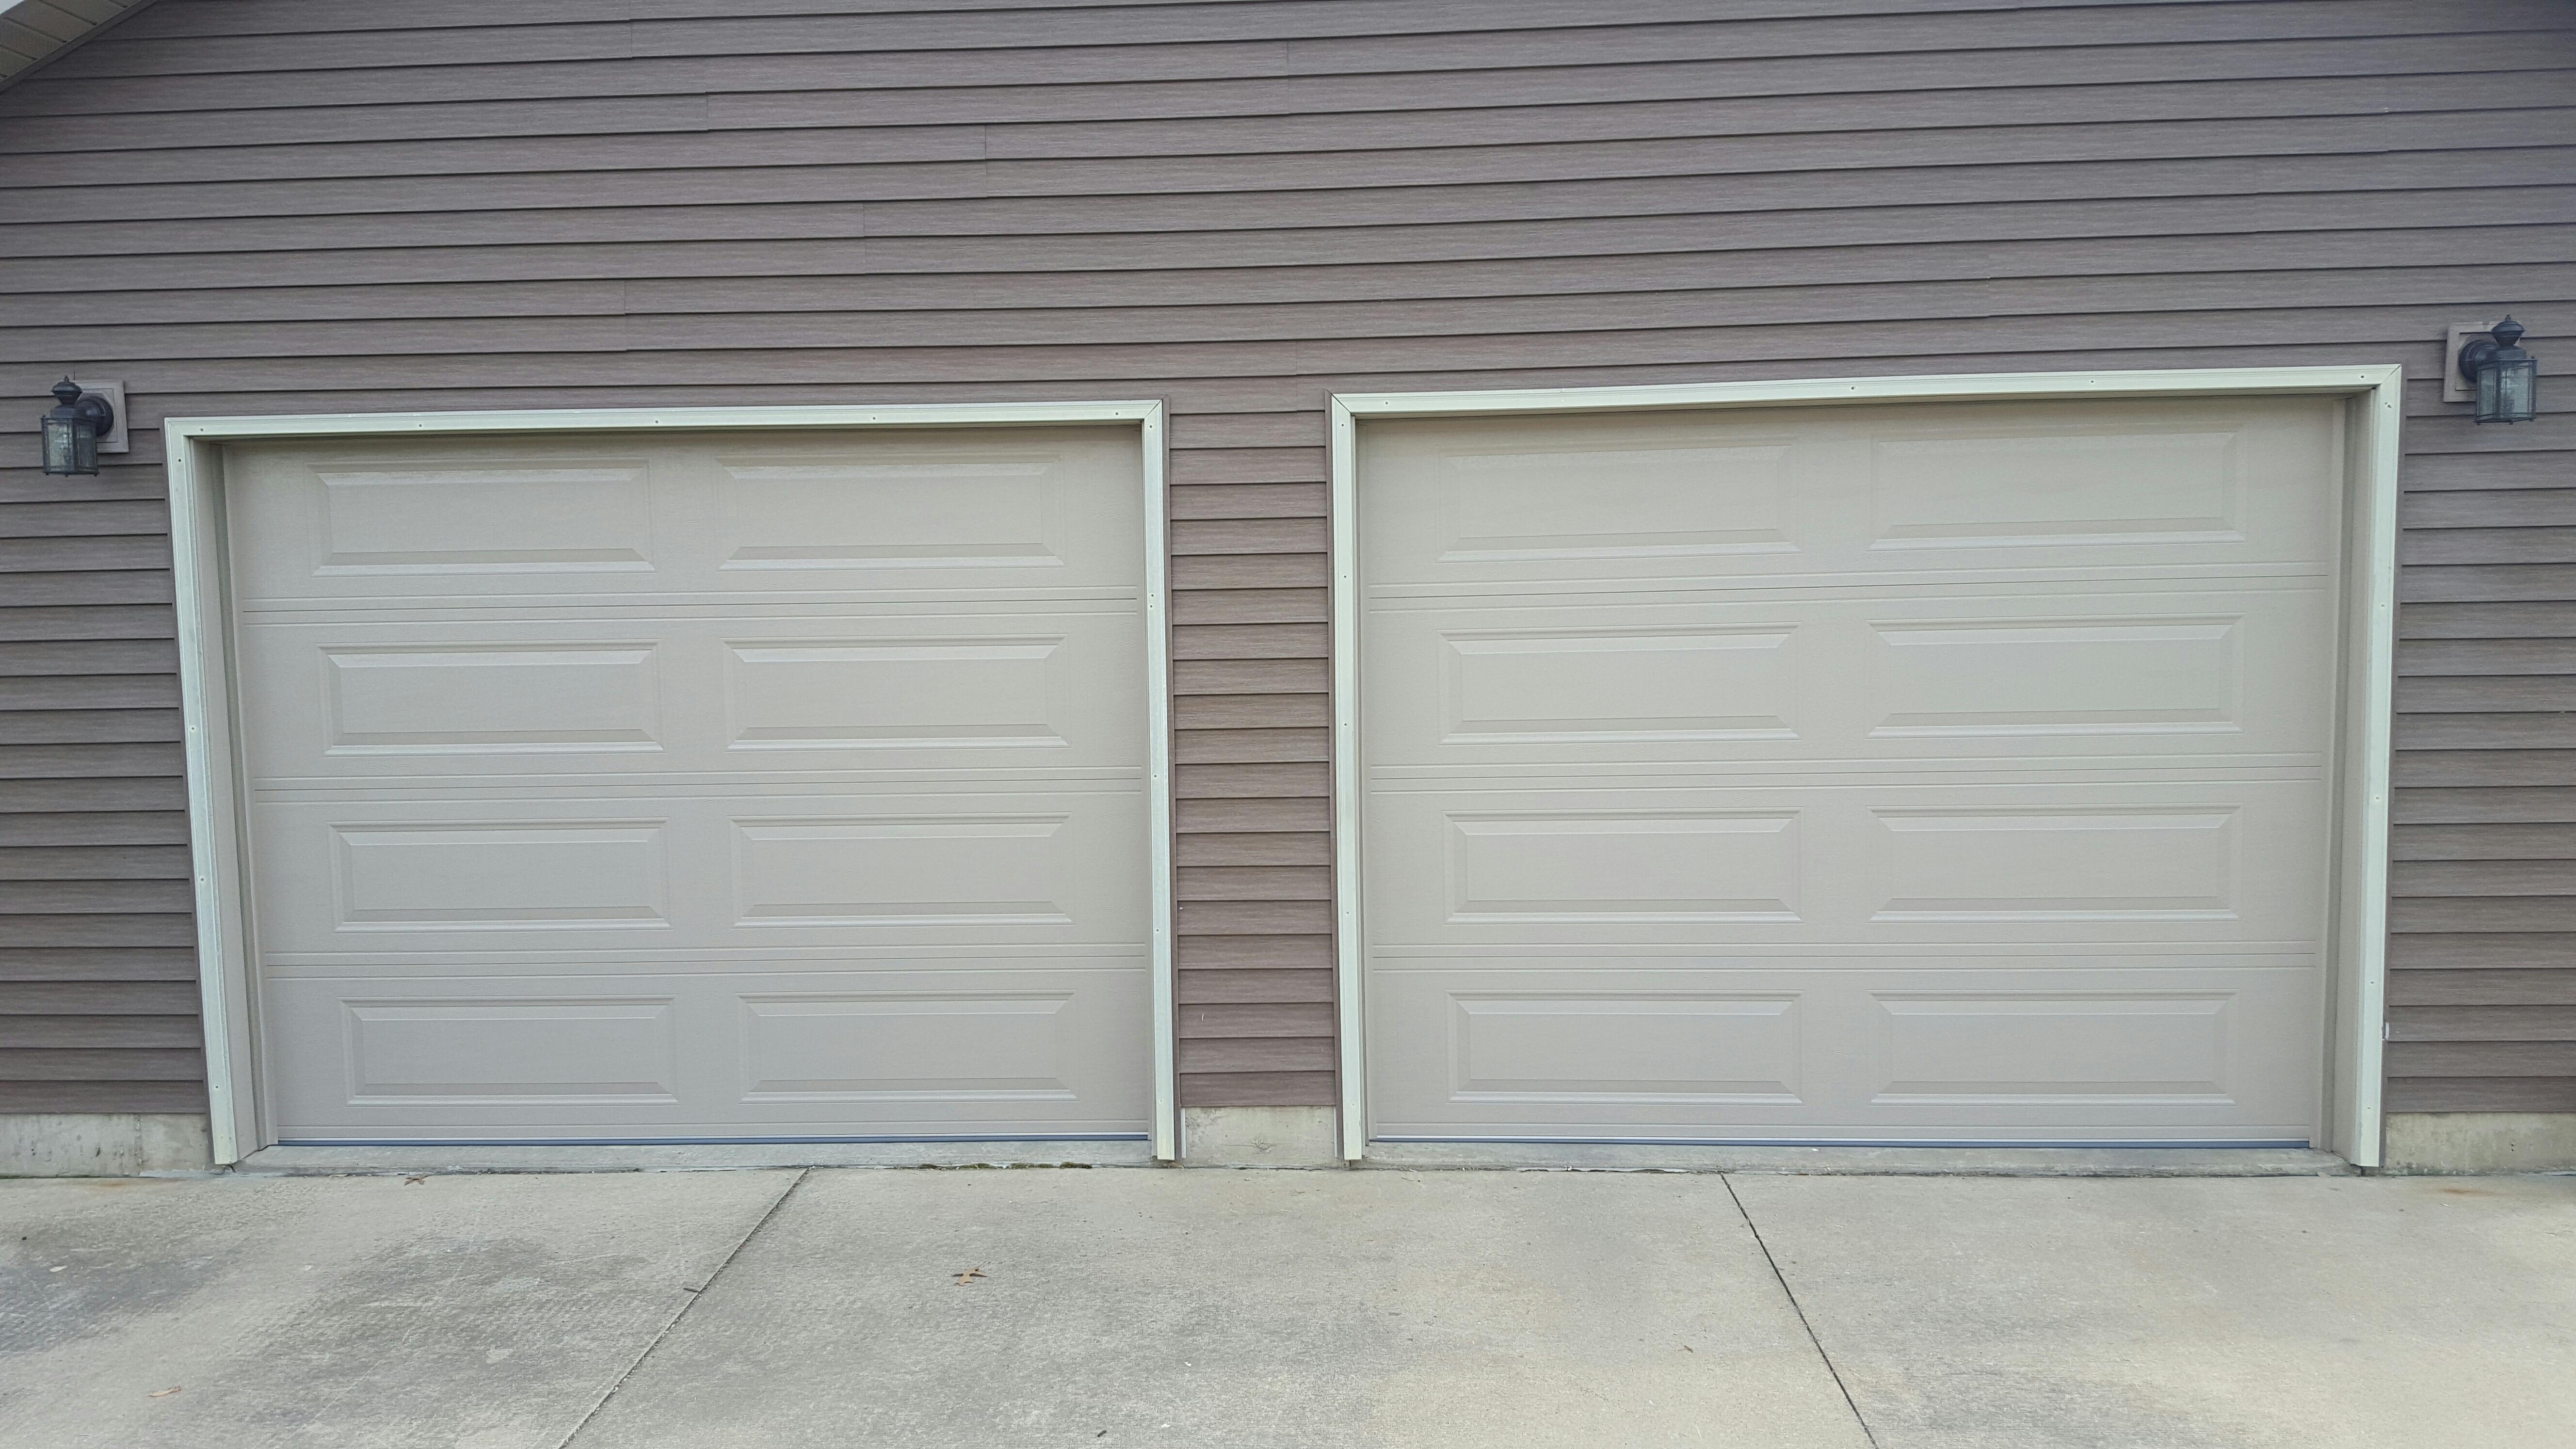 10 x 9 garage doorNew Garage Doors and Garage Door Repair Ladd Il